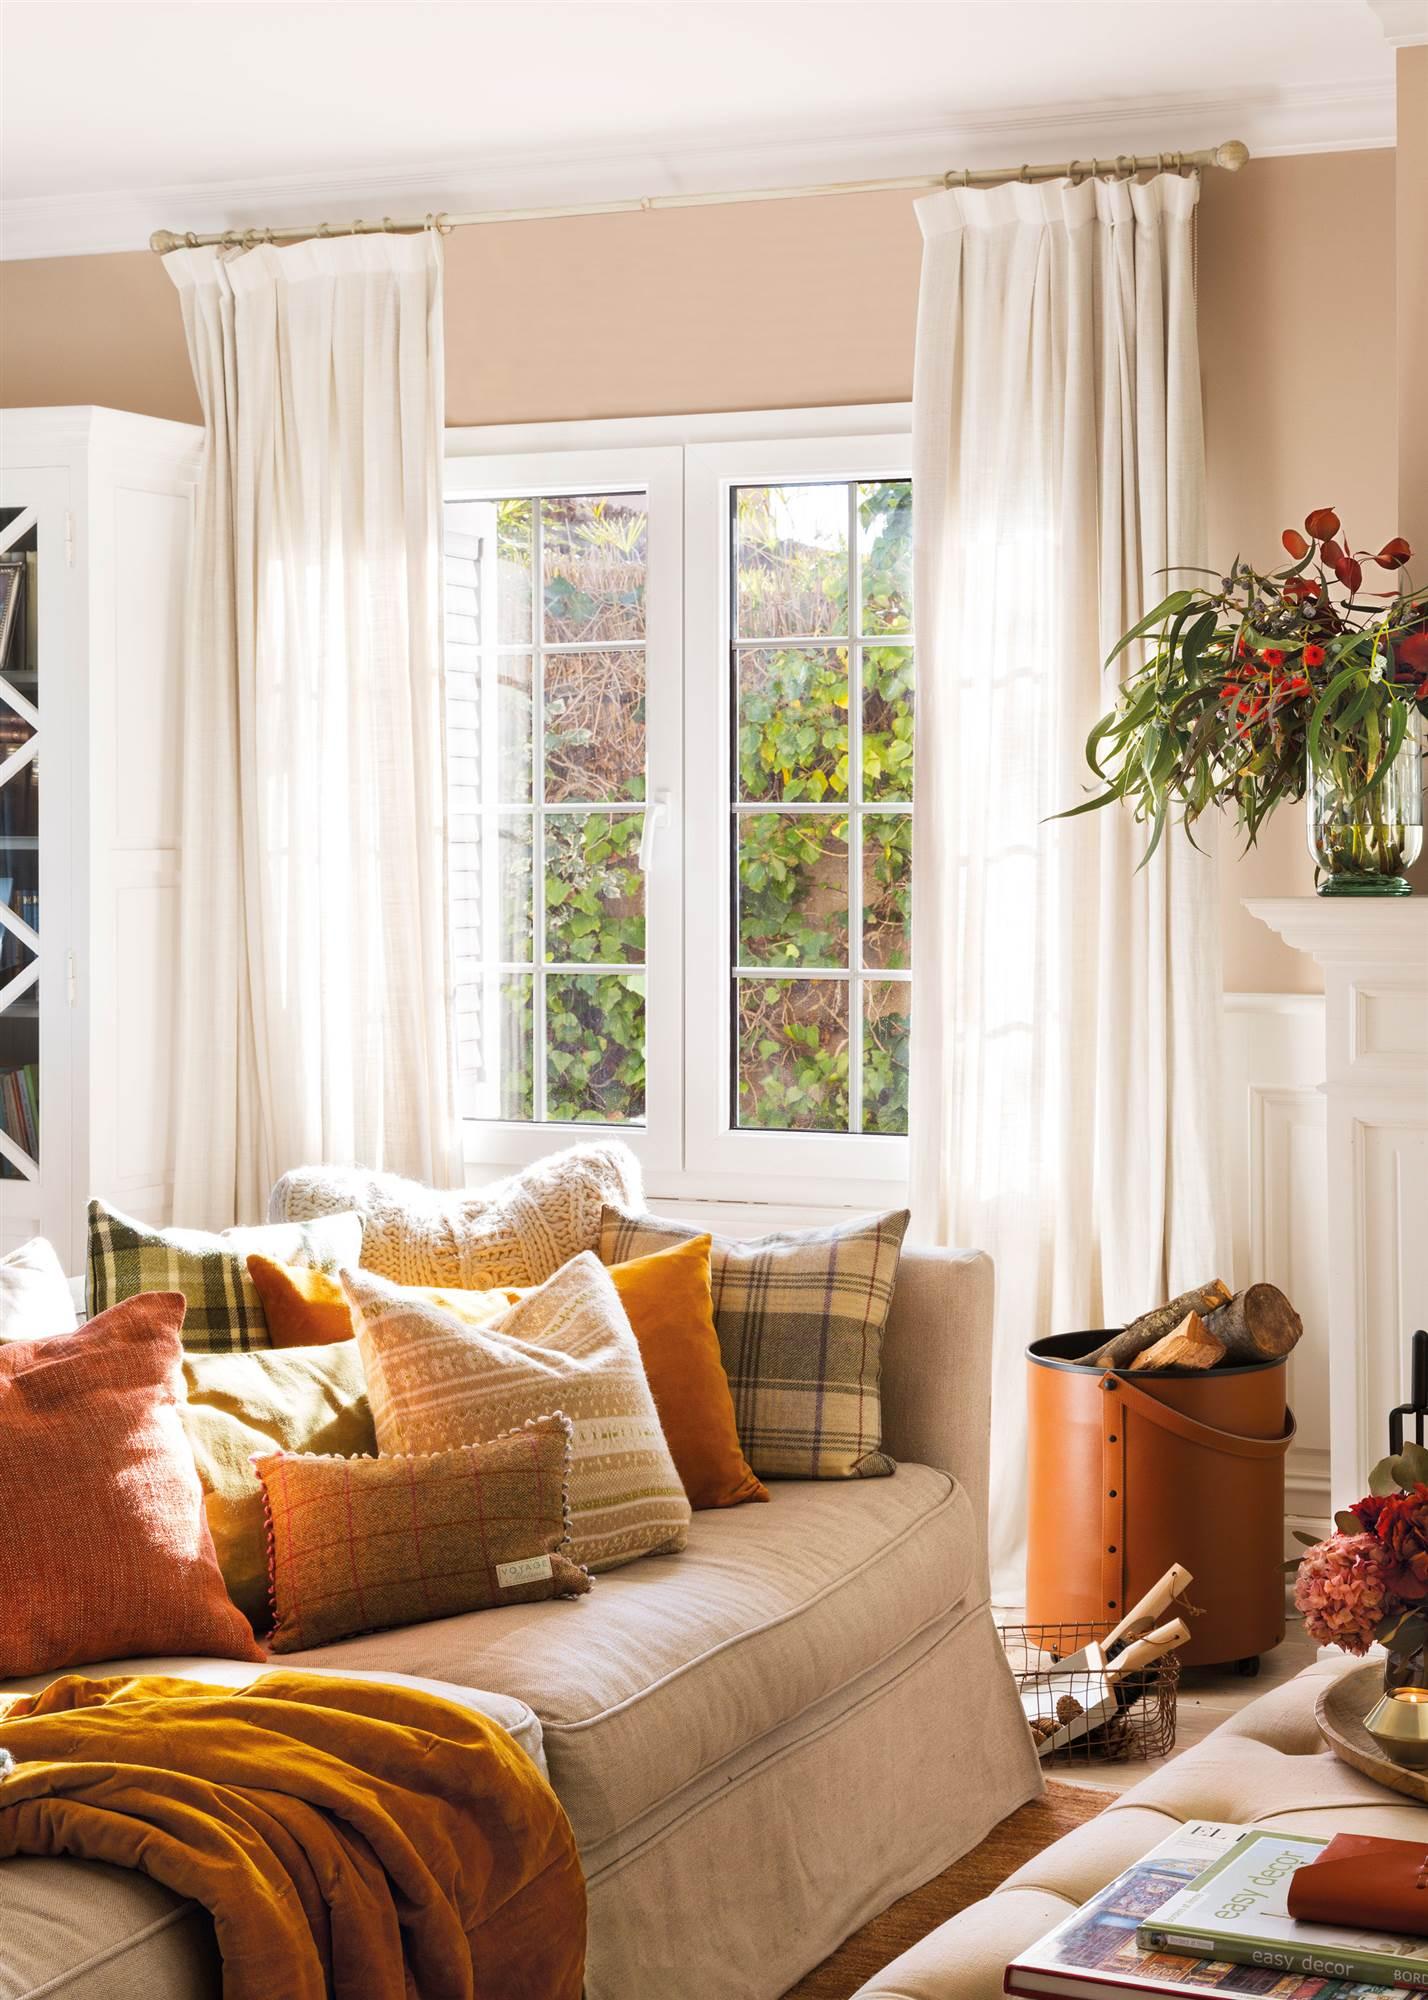 485 fotos de cortinas - Ventanas con cortinas ...